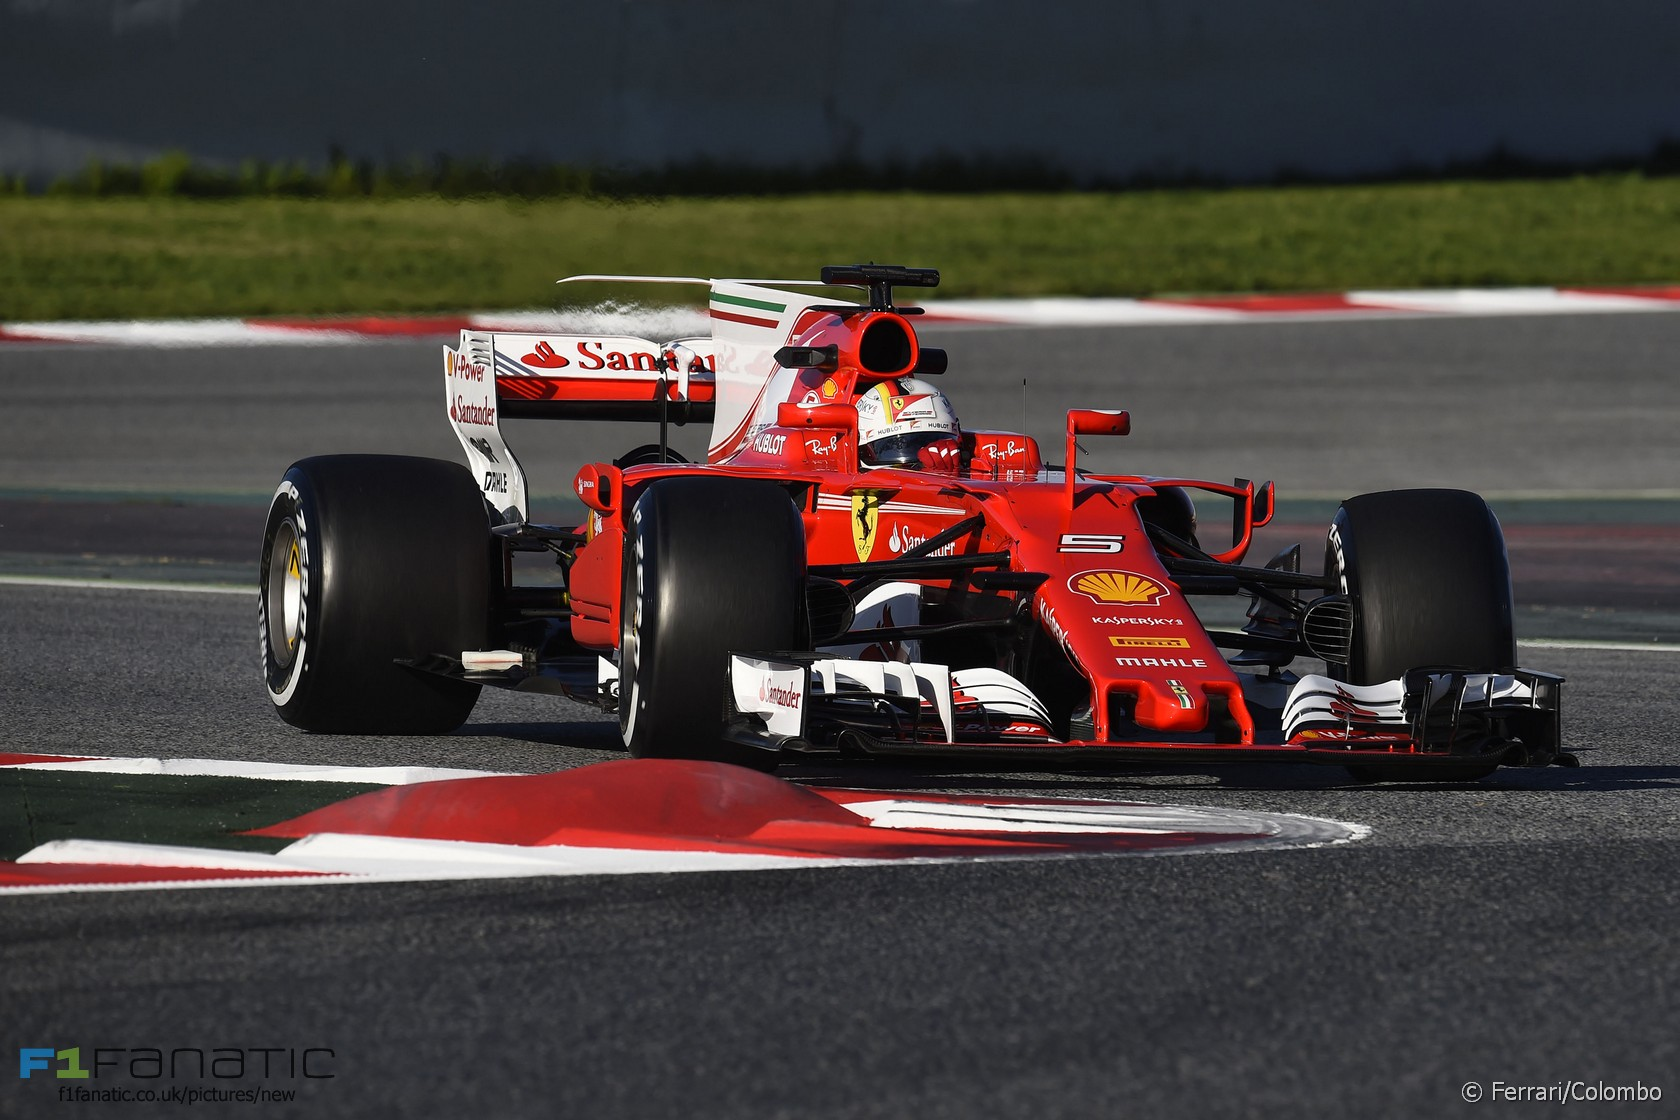 Ferrari f1 bonus